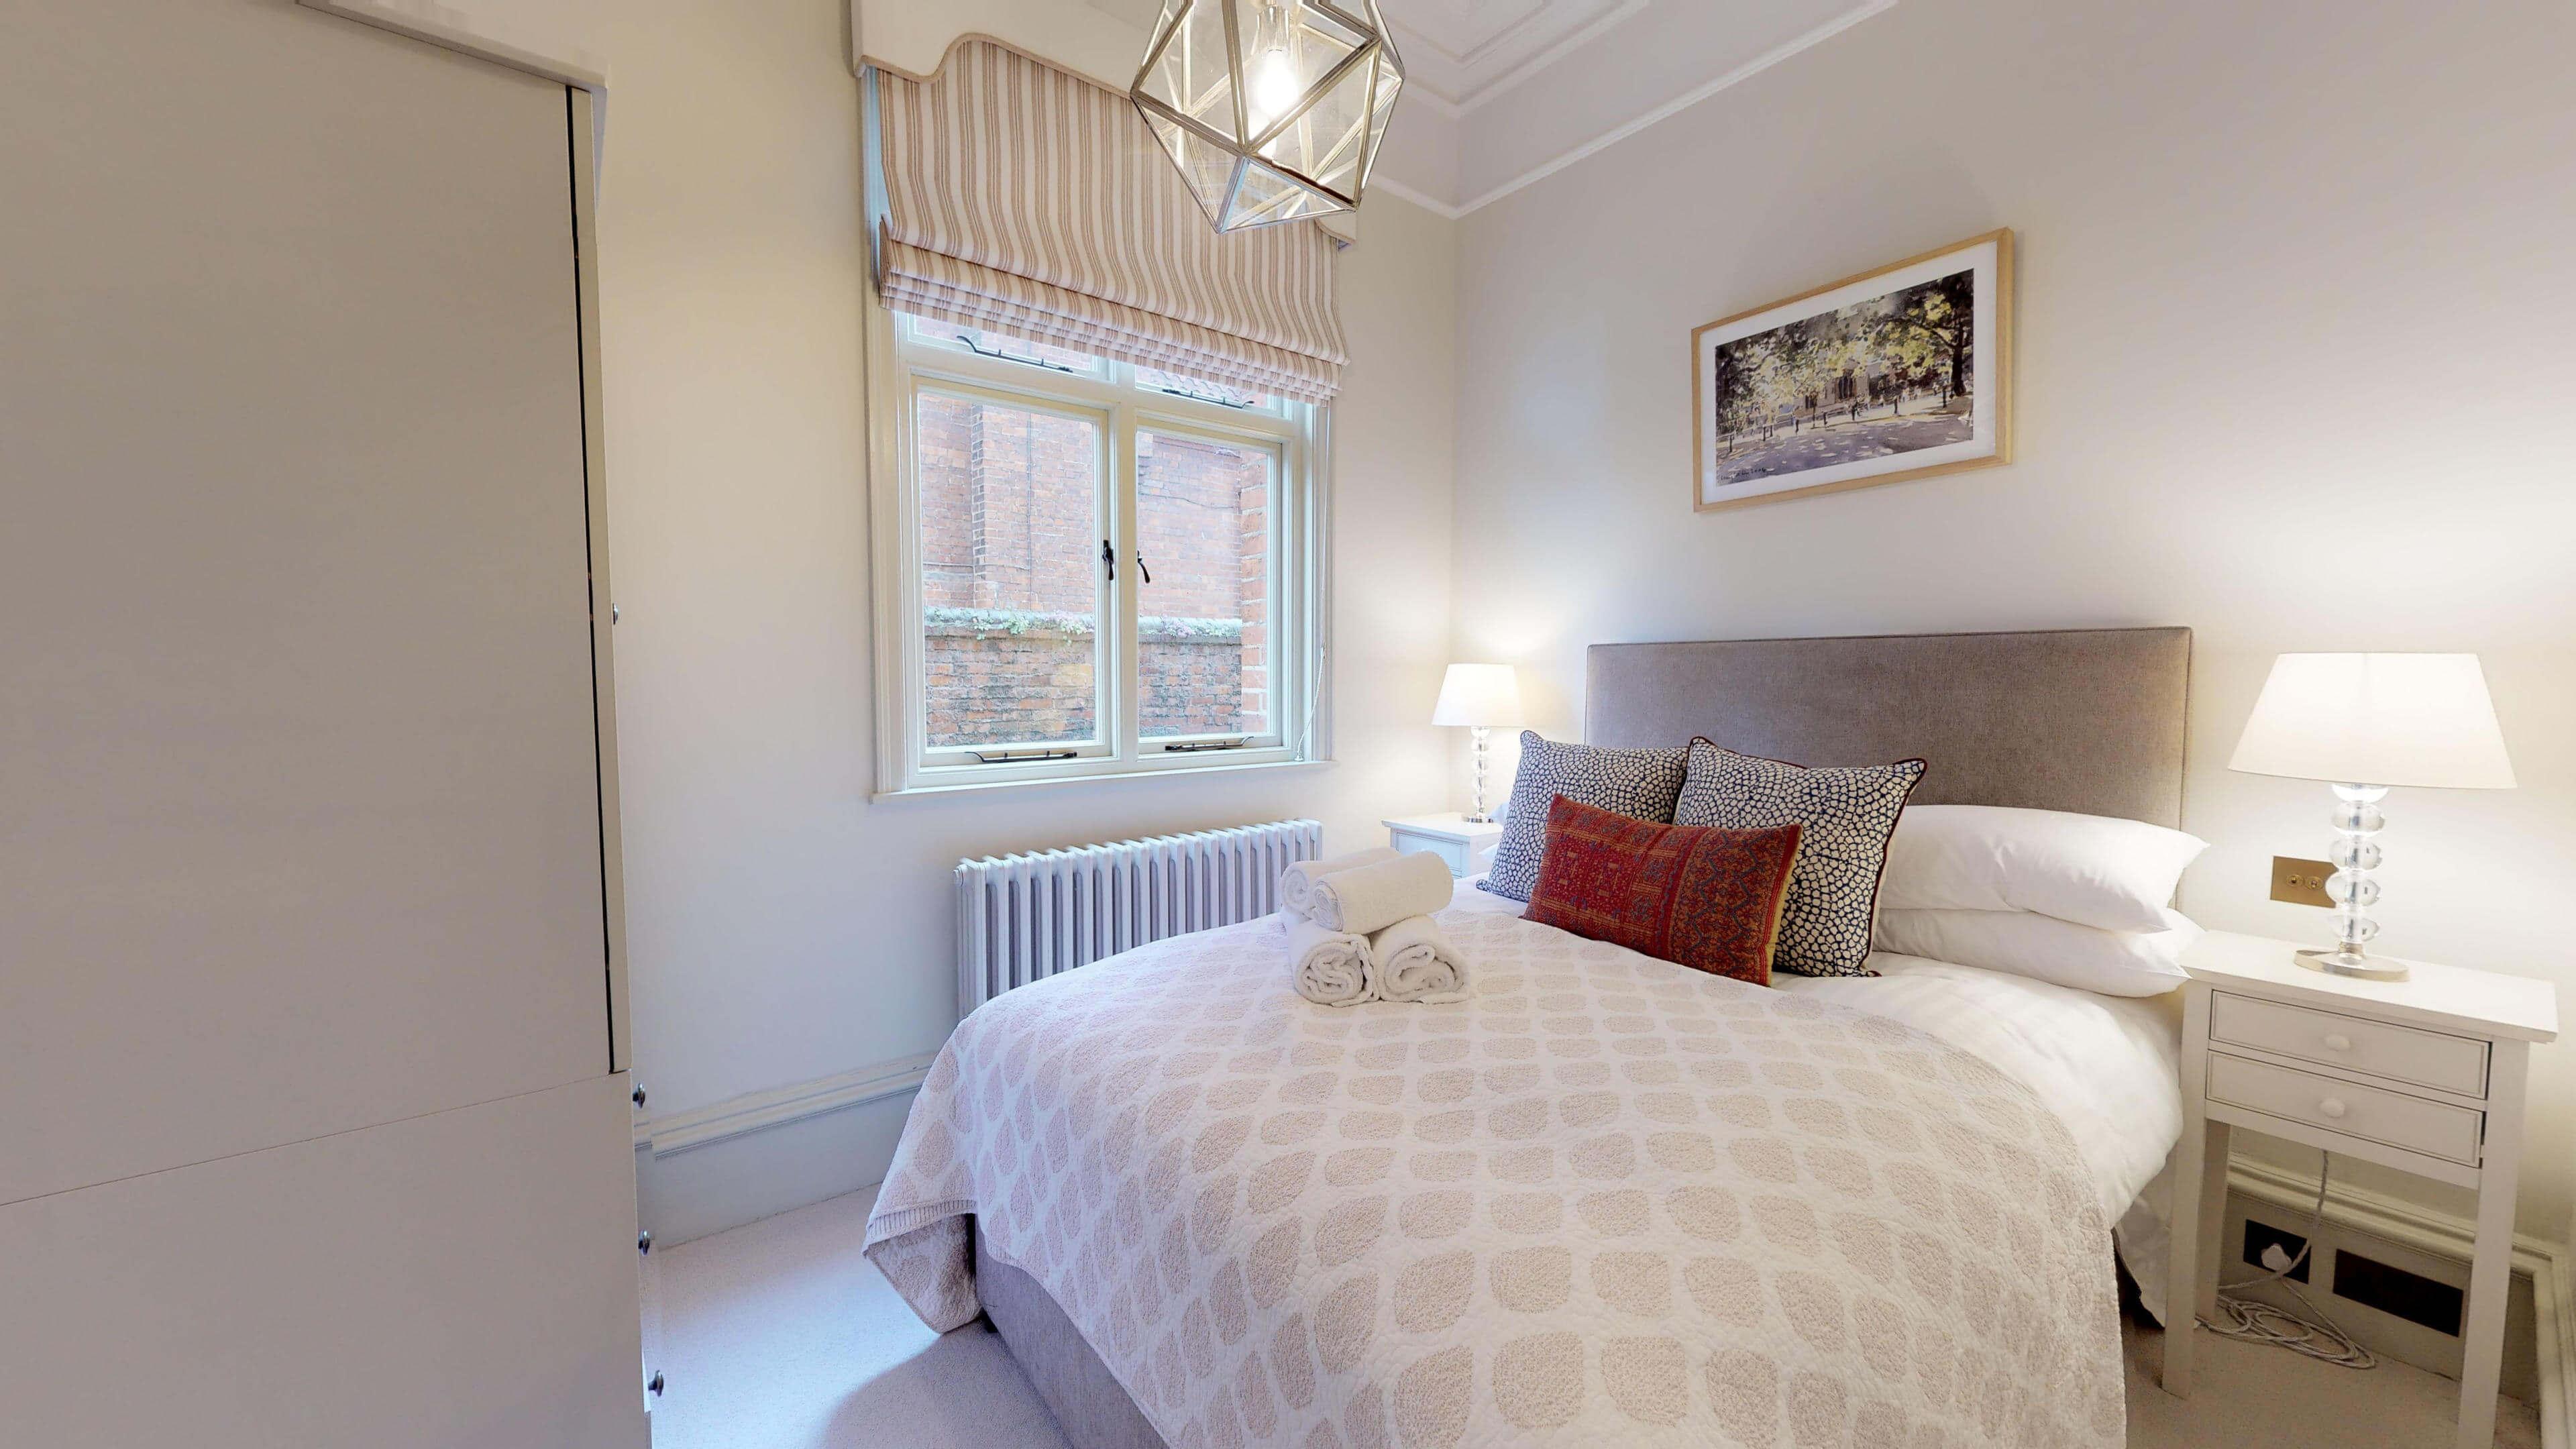 Rawlinson Road Garden Suite 06272019 082231